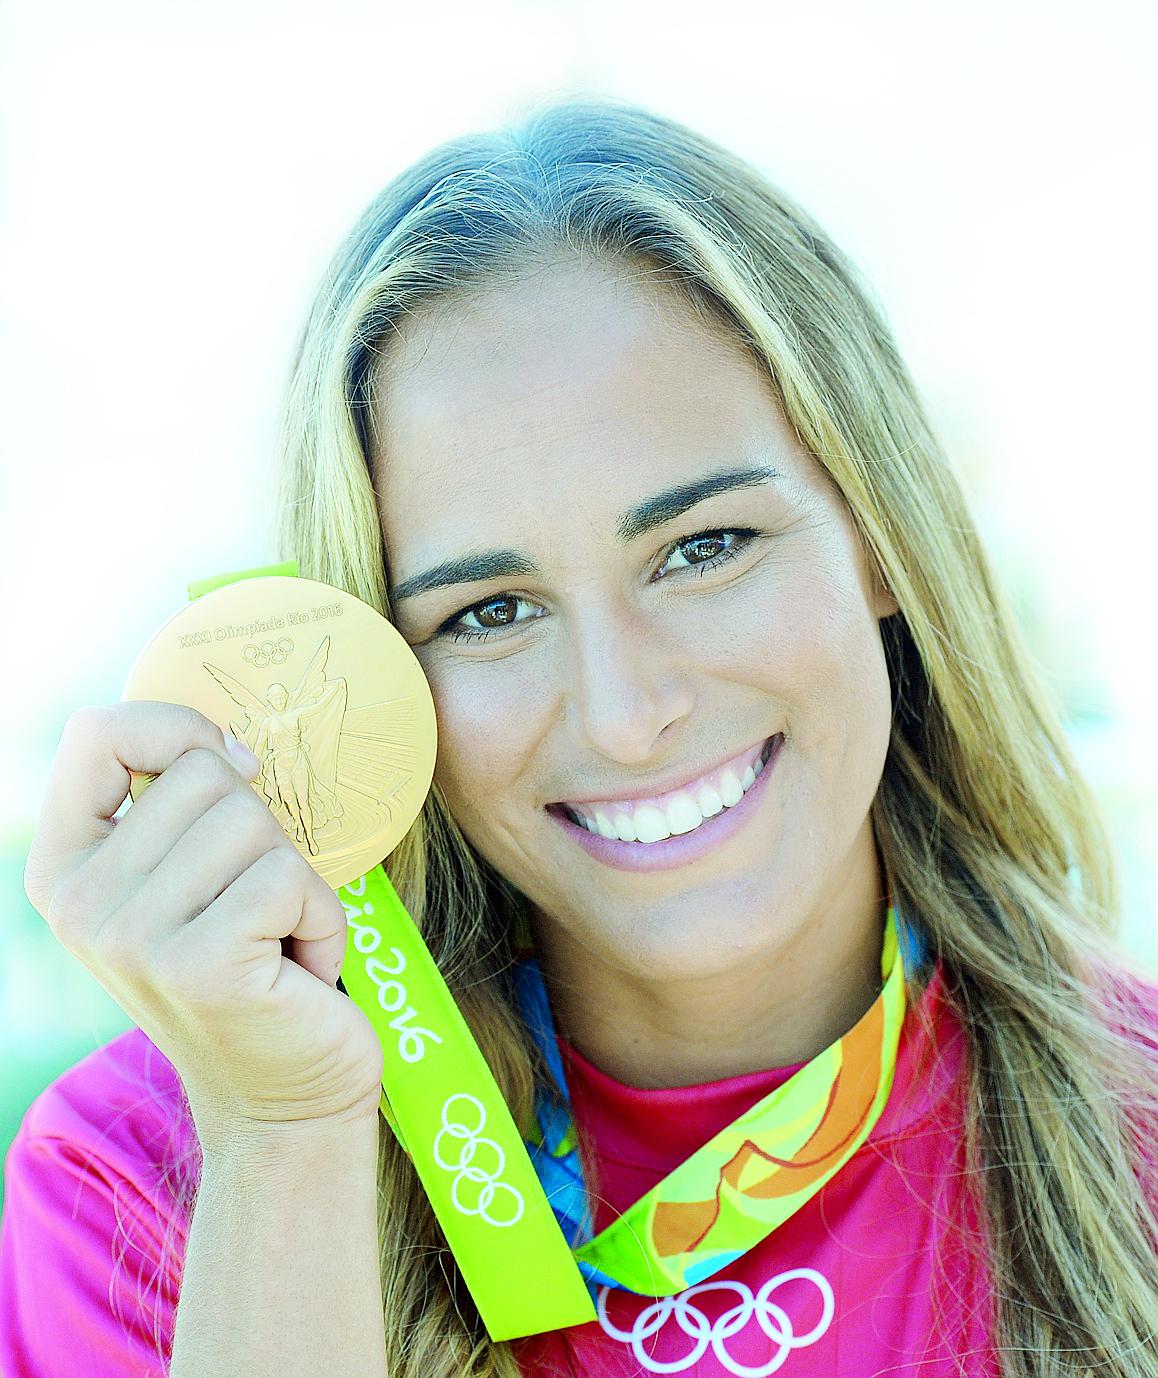 Mónica Puig (nacida en 1993): Primera en ganar una medalla de oro por Puerto Rico en las Olimpiadas. (Archivo)